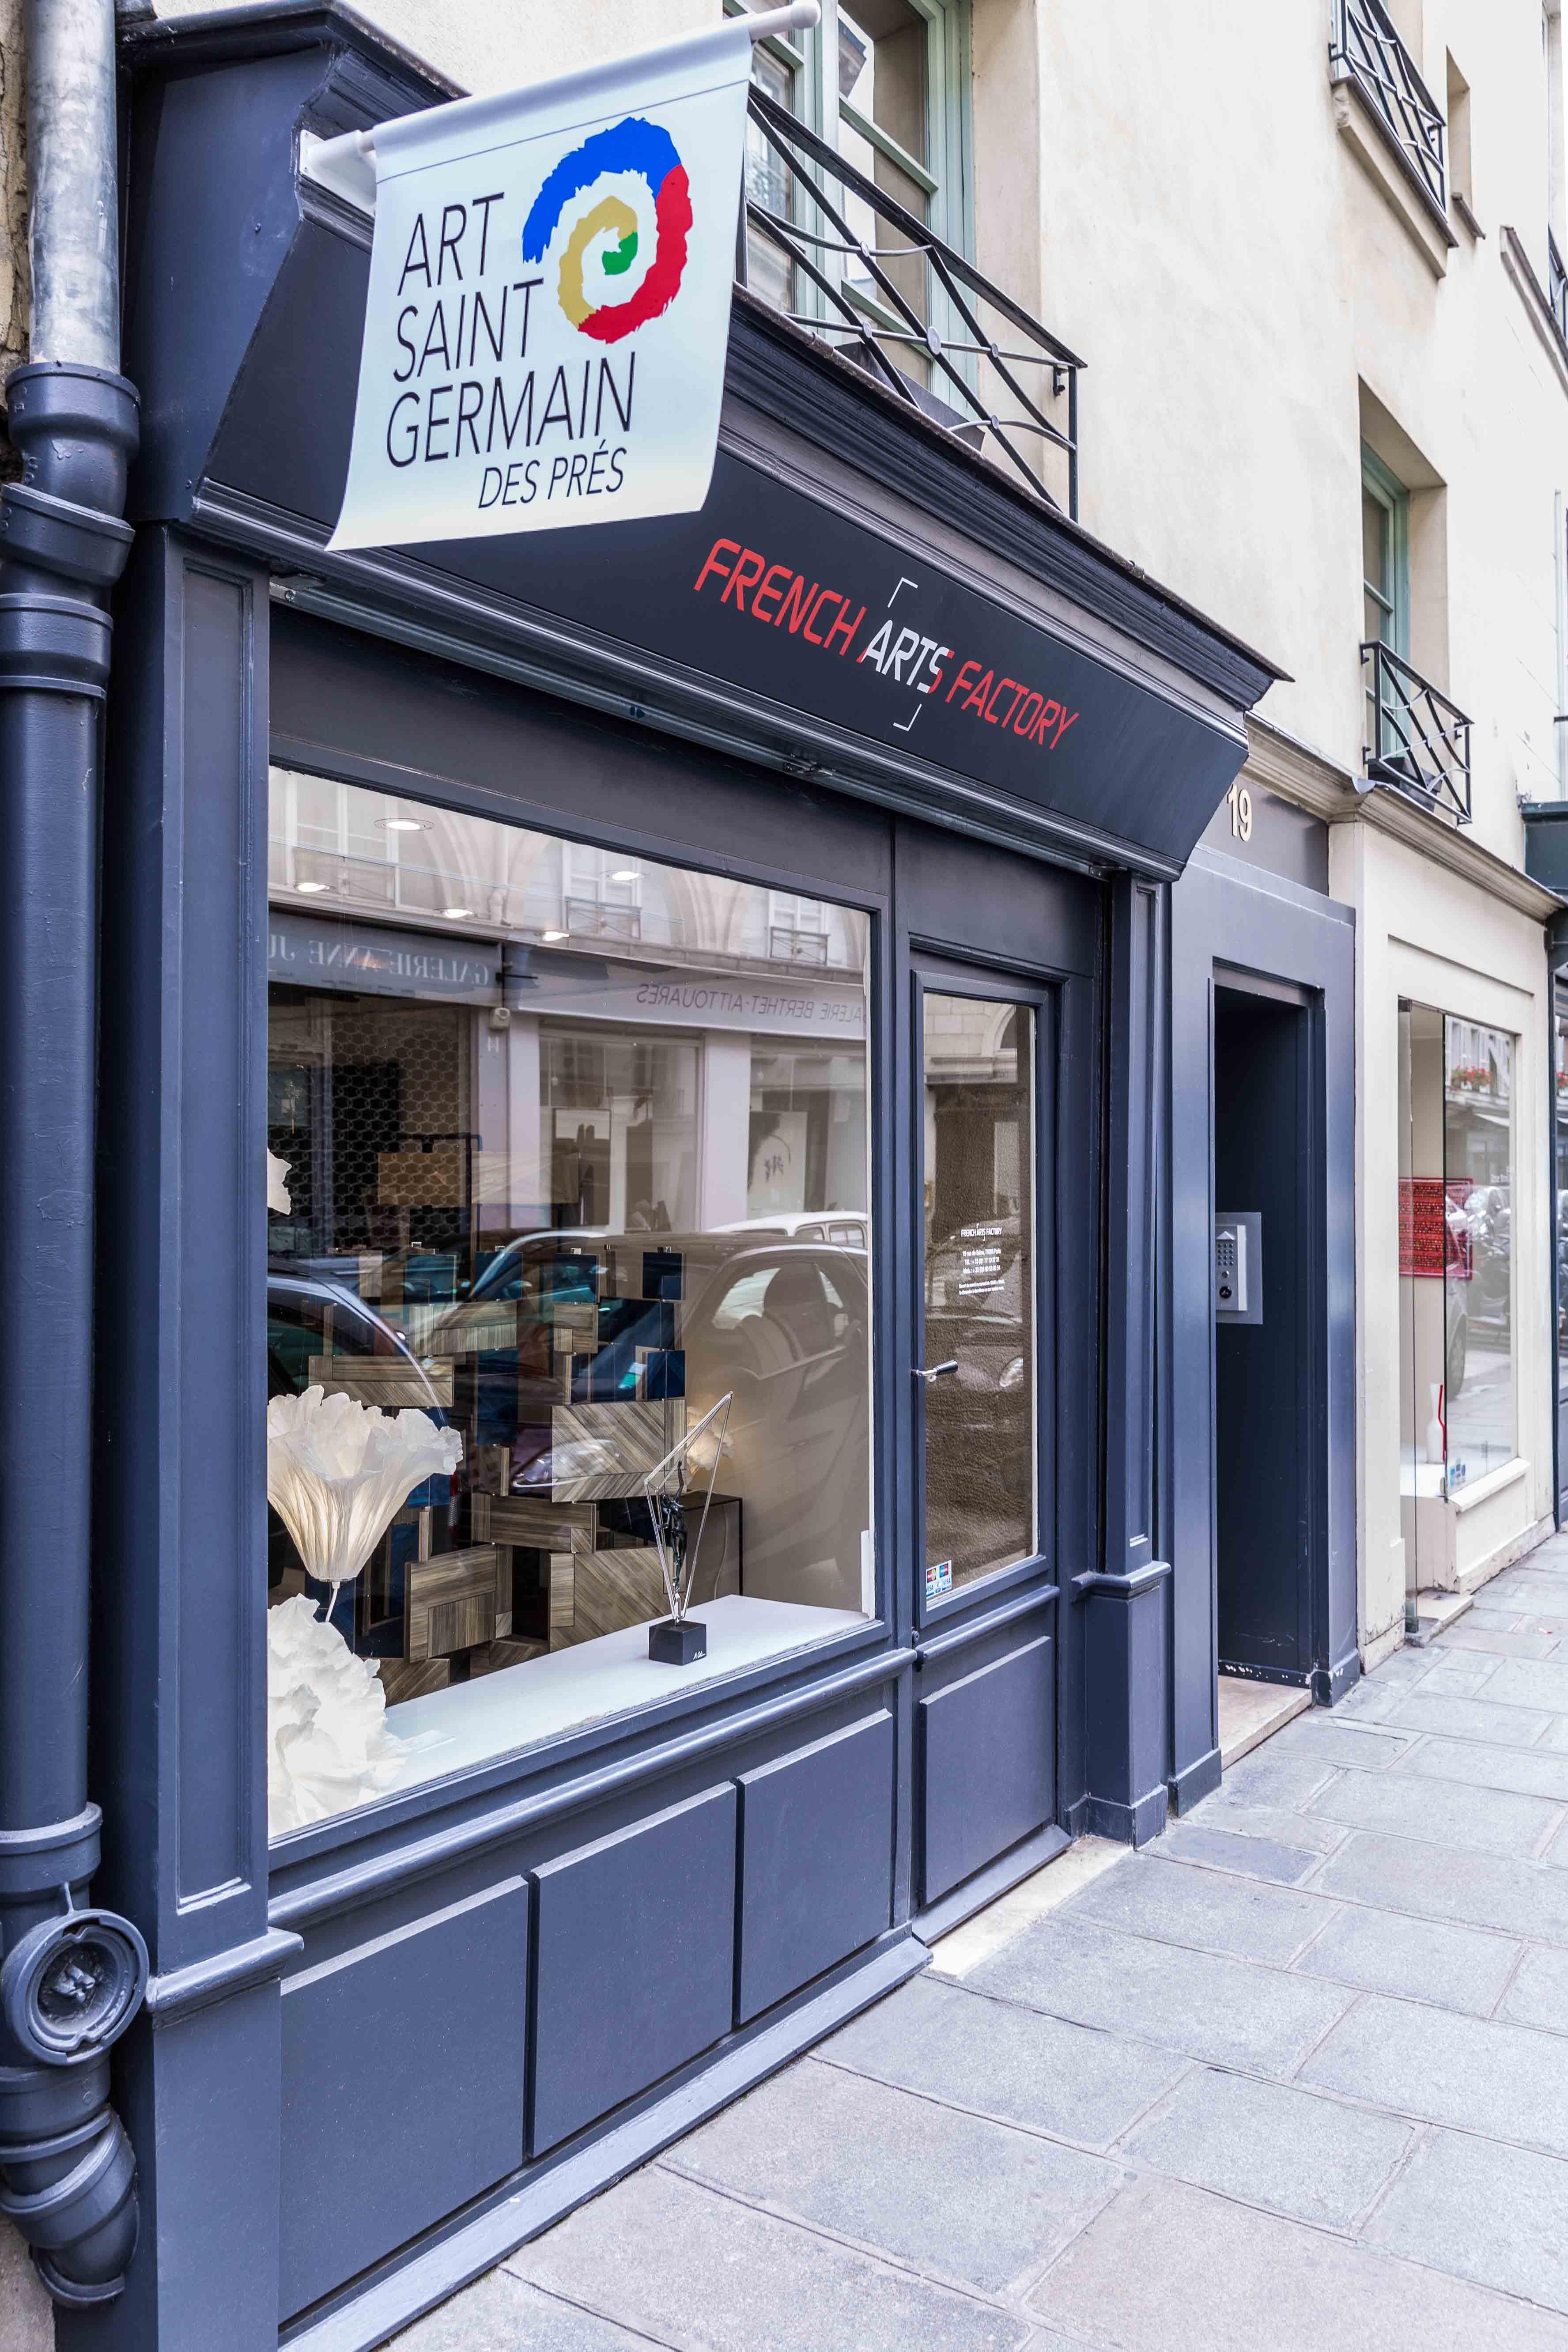 Galerie-Exterieur-Photo-Ben-Hoffele-web